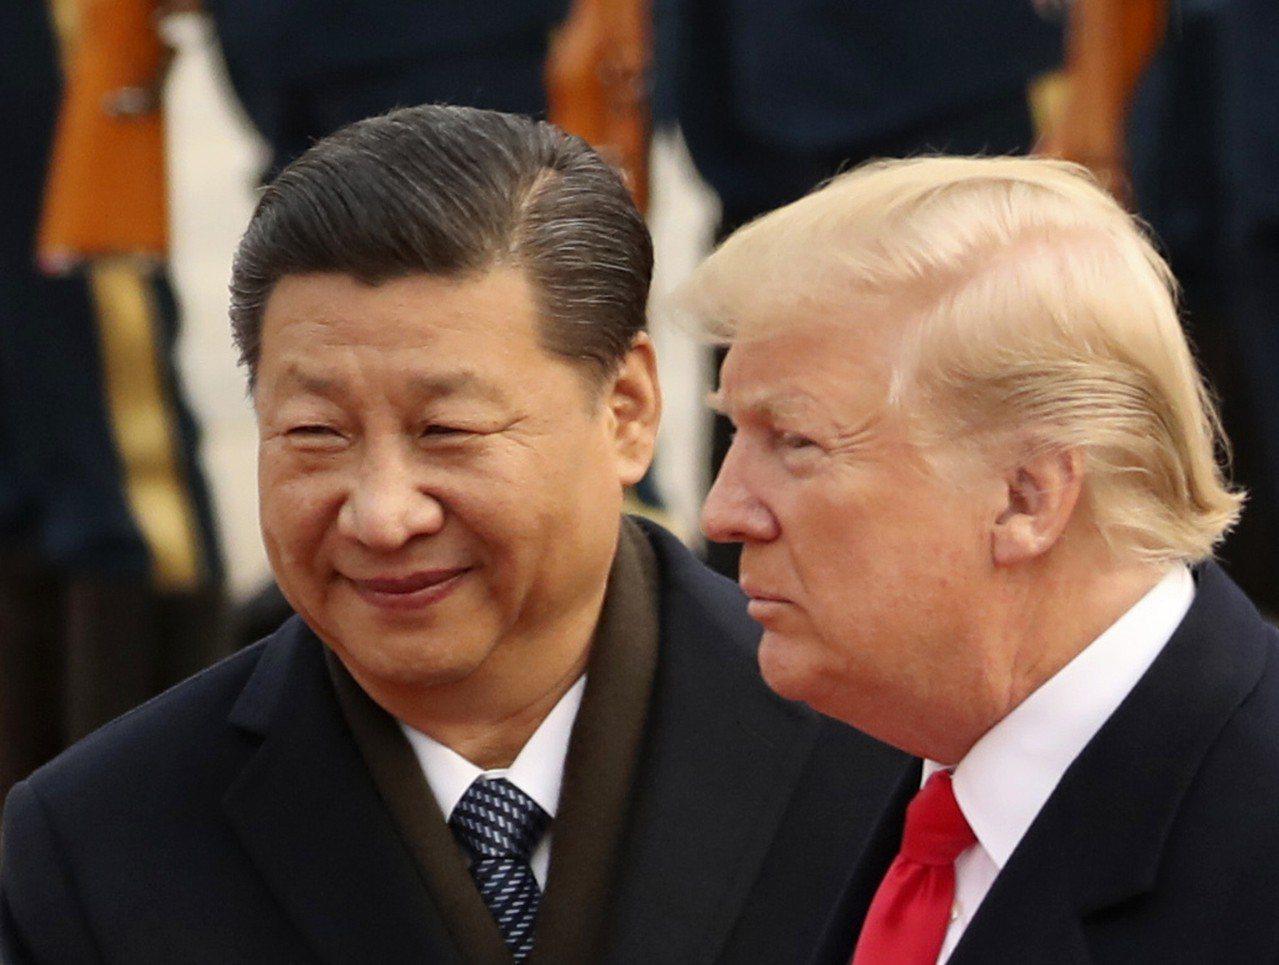 川習會在即,外界關注中國國家主席是否會做出讓步,以維持有利中國穩定發展的全球氛圍...